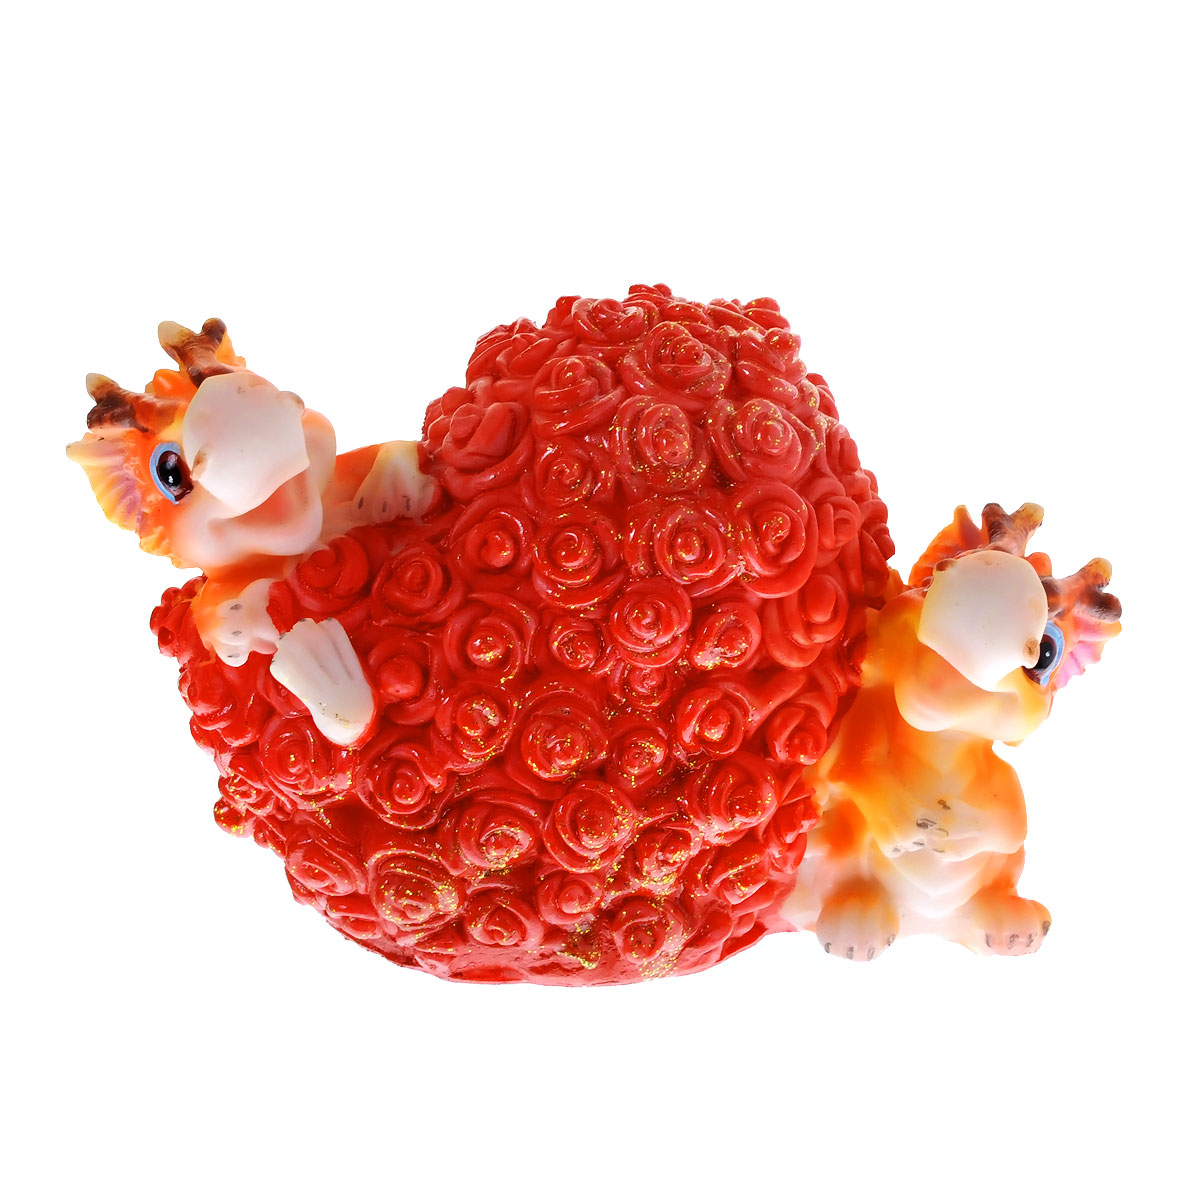 Копилка декоративная Lunten Ranta Дракон и миллион роз512-164Декоративная копилка Lunten Ranta Дракон и миллион роз, выполненная из полирезины, станет отличным украшением интерьера вашего дома или офиса. Копилка выполнена в виде двух забавных дракончиков и сердечка из роз. Имеется прорезь для монеток и отверстие на дне изделия, закрывающееся на резиновую пробку, для извлечения денег.Копилка - это оригинальный и нужный подарок на все случаи жизни. Также она может стать оригинальным подарком для всех любителей стильных вещей. Размер статуэтки: 12 см х 9 см х 7 см.